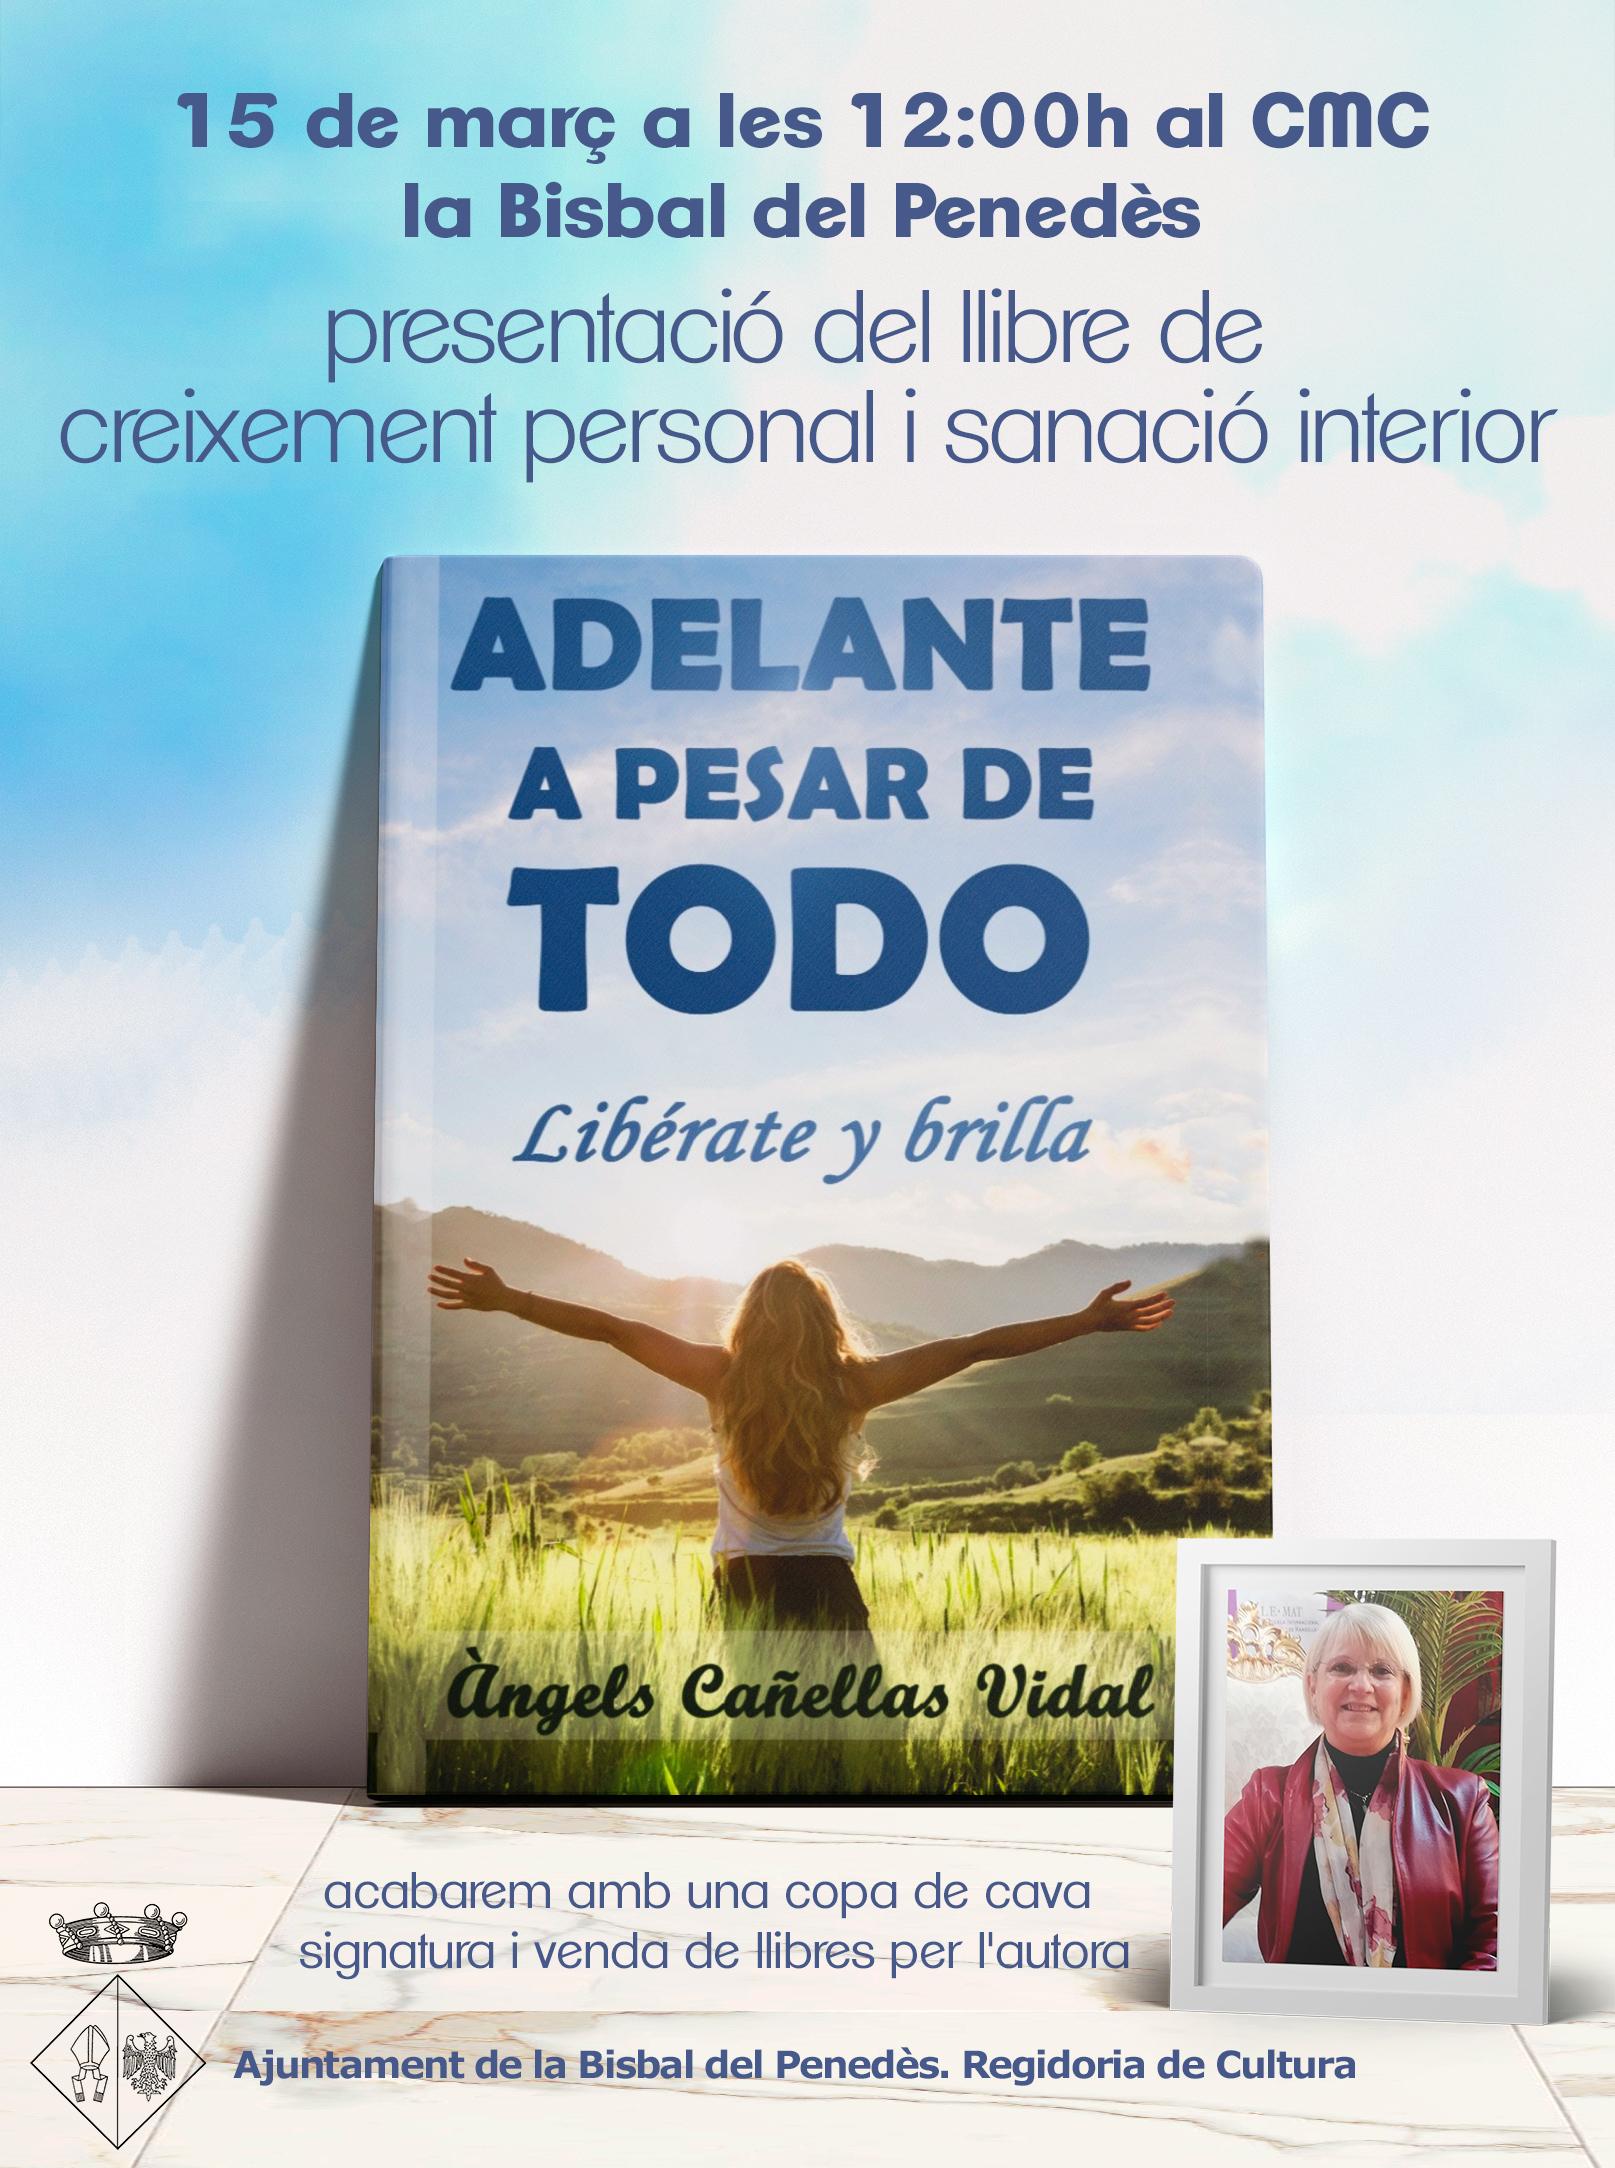 """Àngels Cañellas presentarà el seu llibre """"Adelante a pesar de todo"""" el 15 de març a les 12h al CMC"""